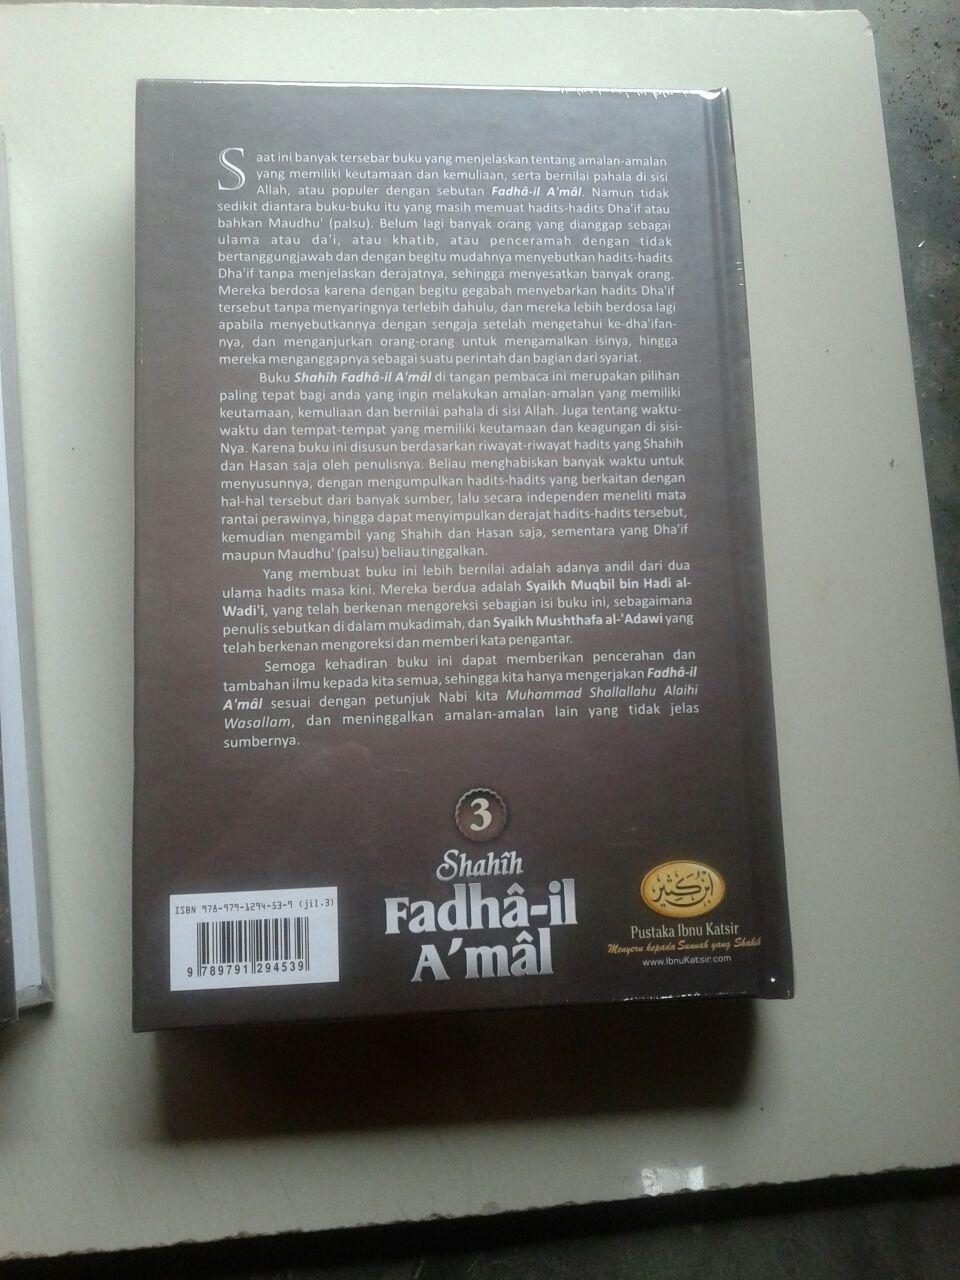 Buku Shahih Fadhail Amal 1 Set 3 Jilid cover 2